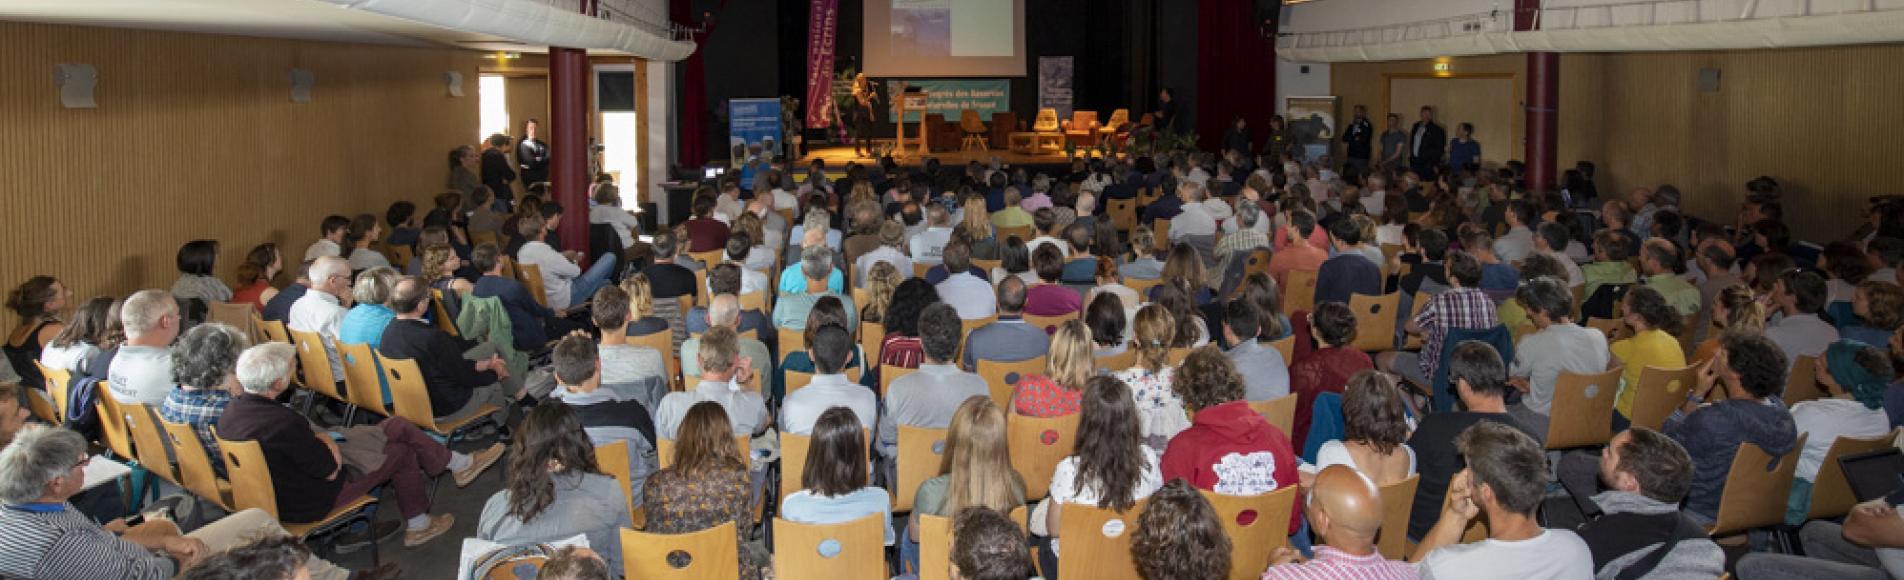 Séance plénière d'ouverture du congrès Réserves naturelles de France- juin 2019 au Monêtier-les-Bains - photo P.Saulay - Parc national des Ecrins